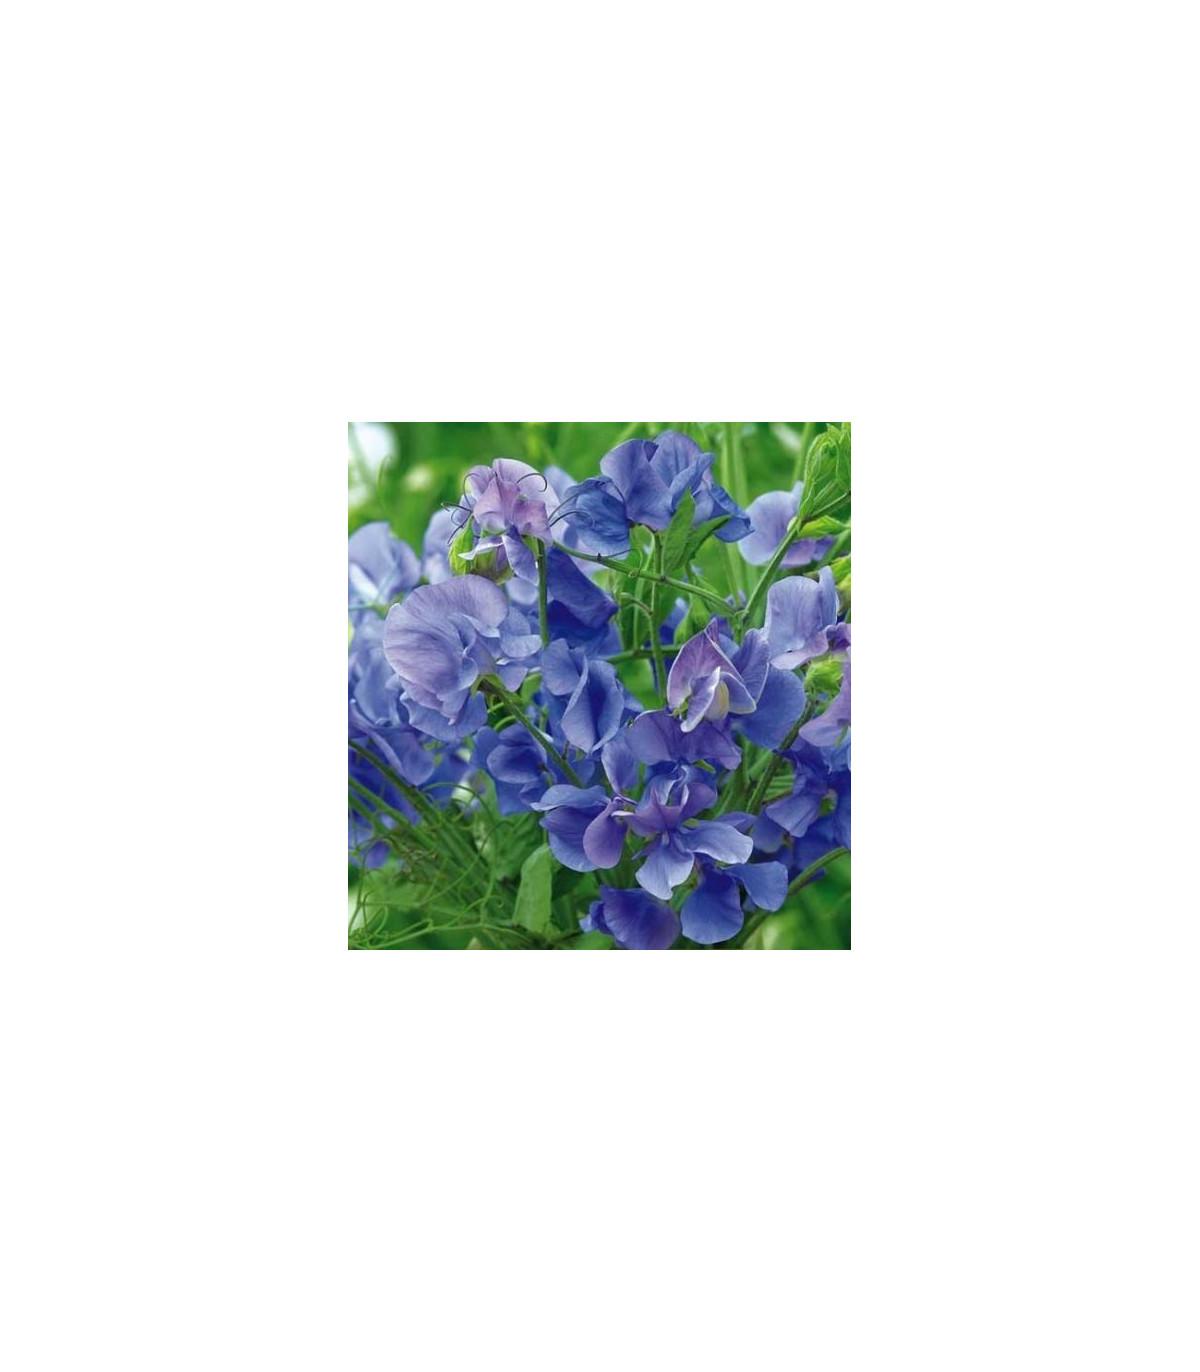 Hrachor voňavý kráľovský modrý - Lathyrus odoratus - semená hrachora - semiačka - 20 ks